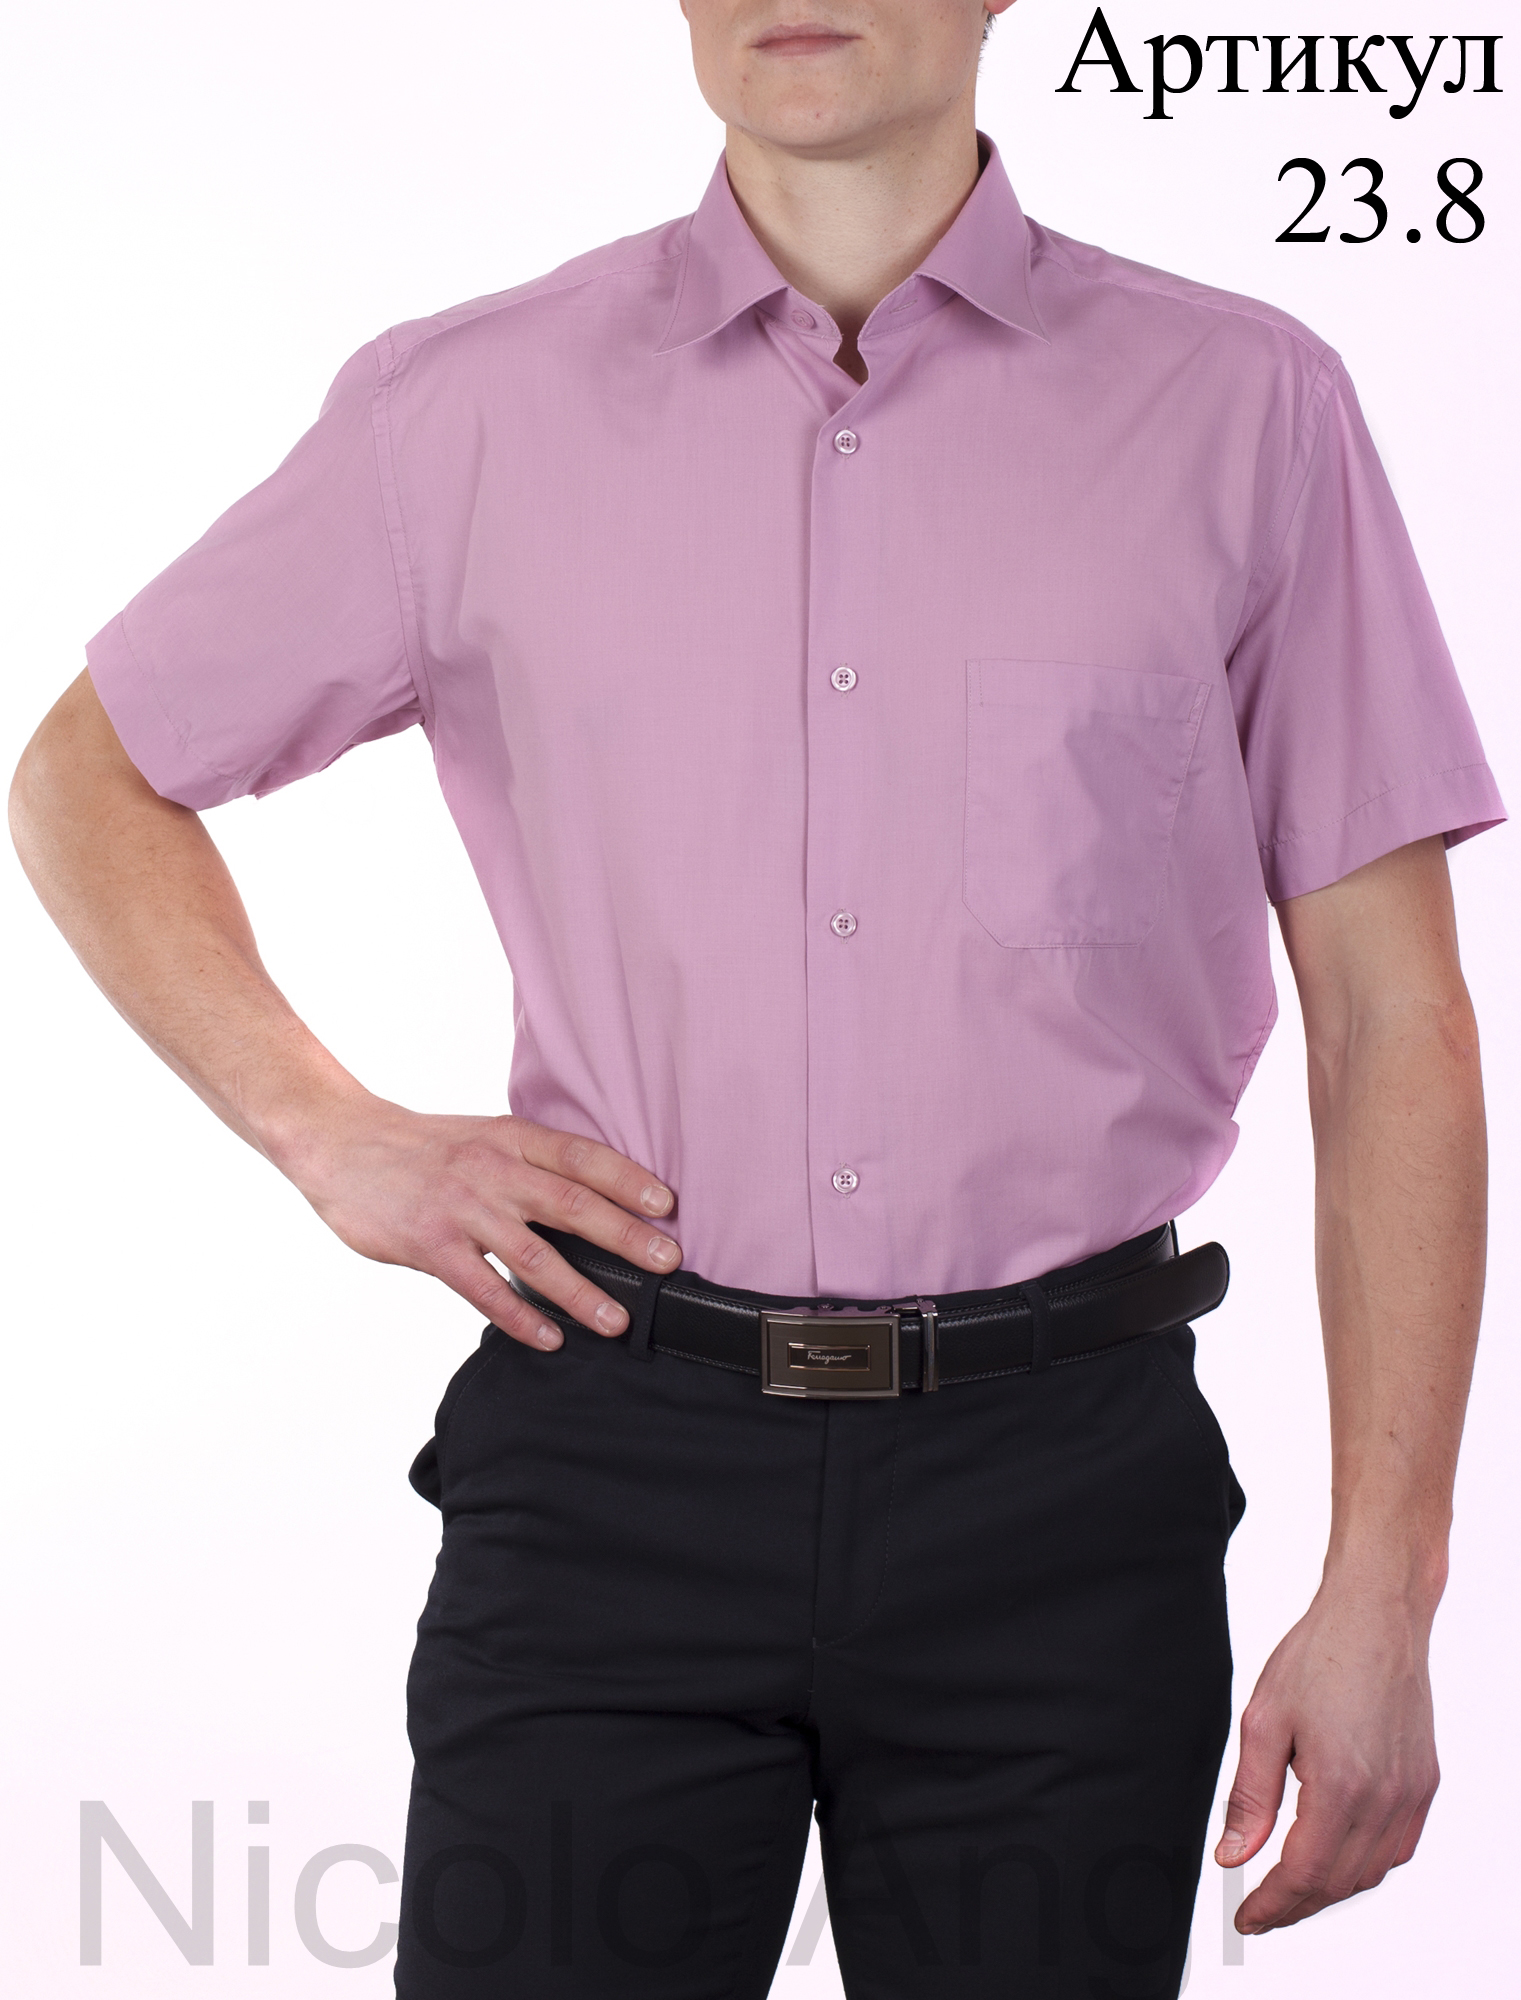 Мужские сорочки Nicolo Angi! Выкуп 5!